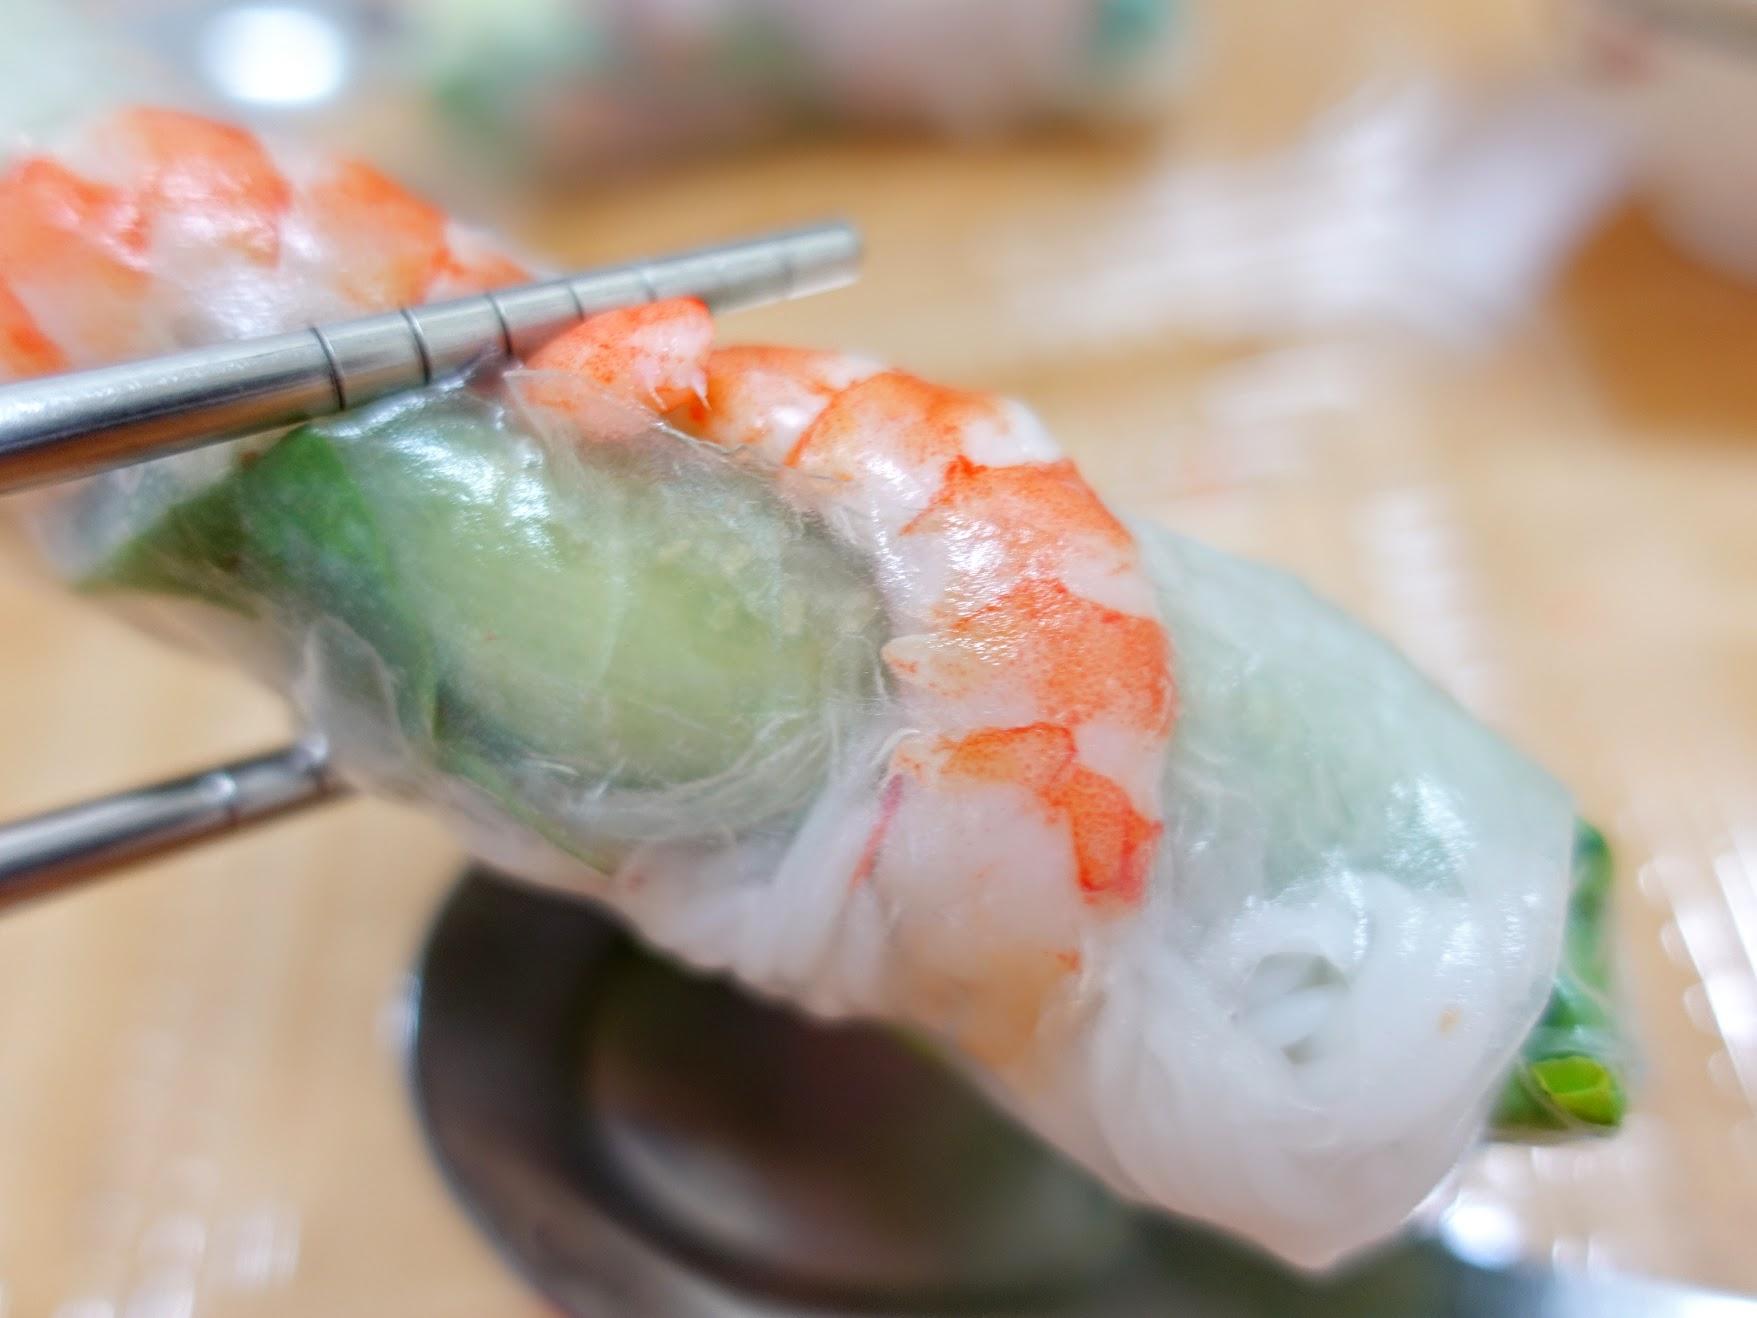 裡頭有蝦子/豬肉片,可沾著魚露醬來加重口味...